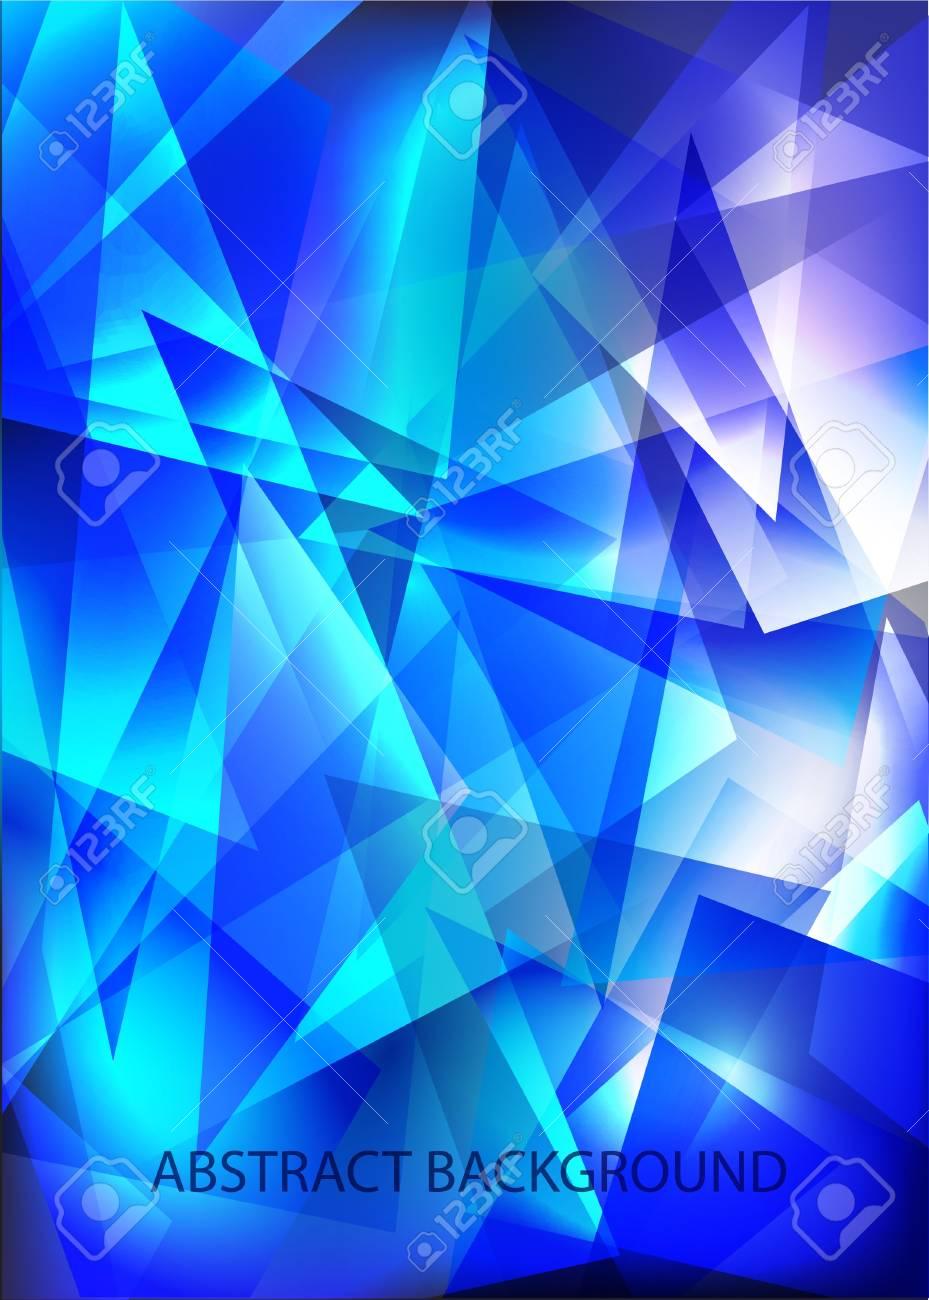 Blue techno shiny background. Stock Vector - 12072110